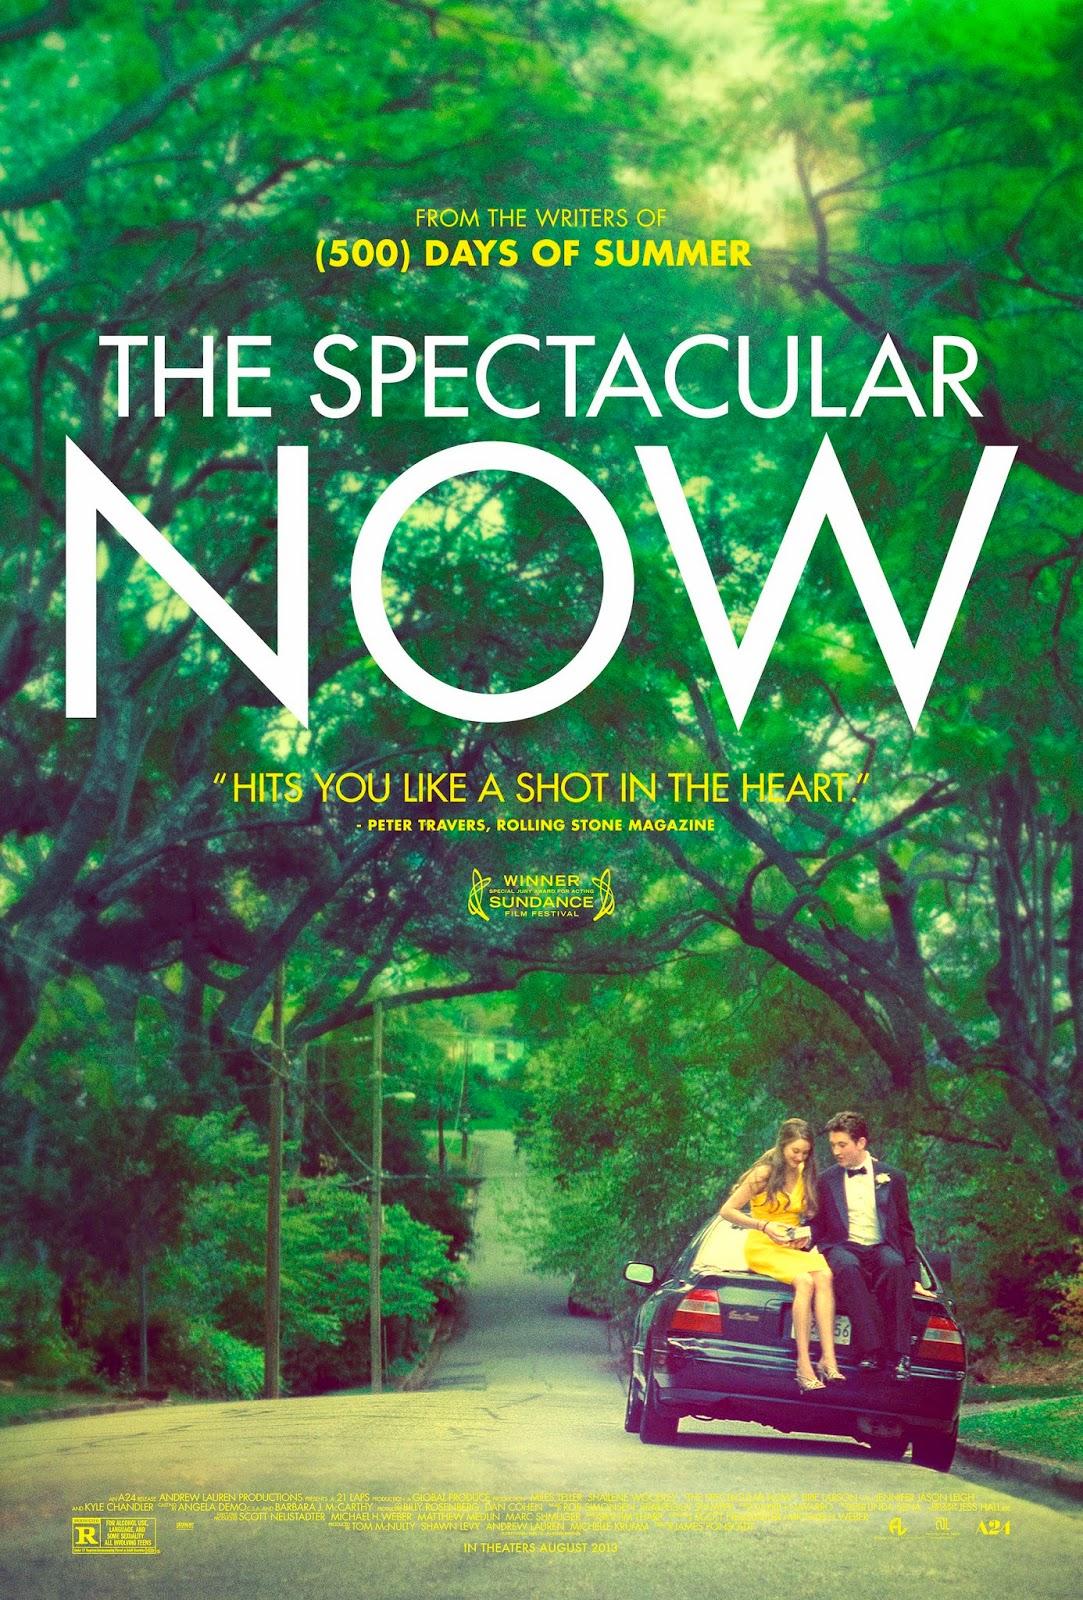 http://3.bp.blogspot.com/-A8f7VgrHEQk/Uk78ZNeO6WI/AAAAAAAAlPw/zeVm_NMIXI0/s1600/spectacular-now-poster.jpg